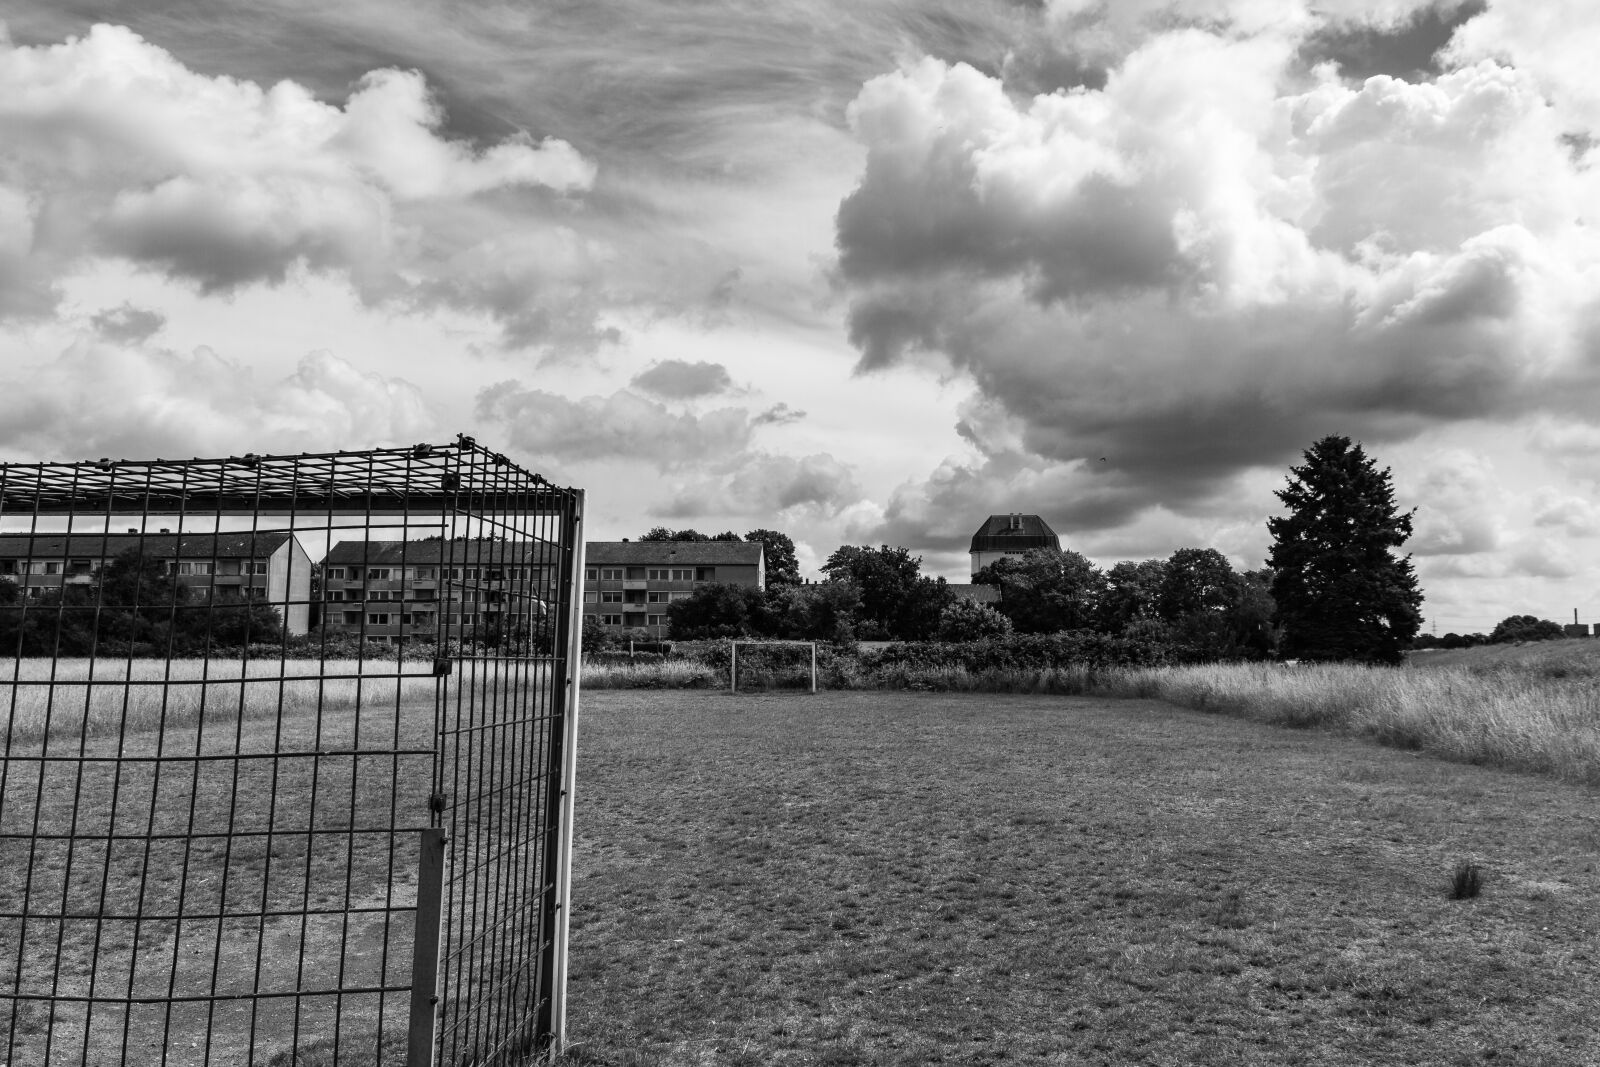 """Canon EOS 7D sample photo. """"Bolzplatz, friemersheim, duisburg"""" photography"""